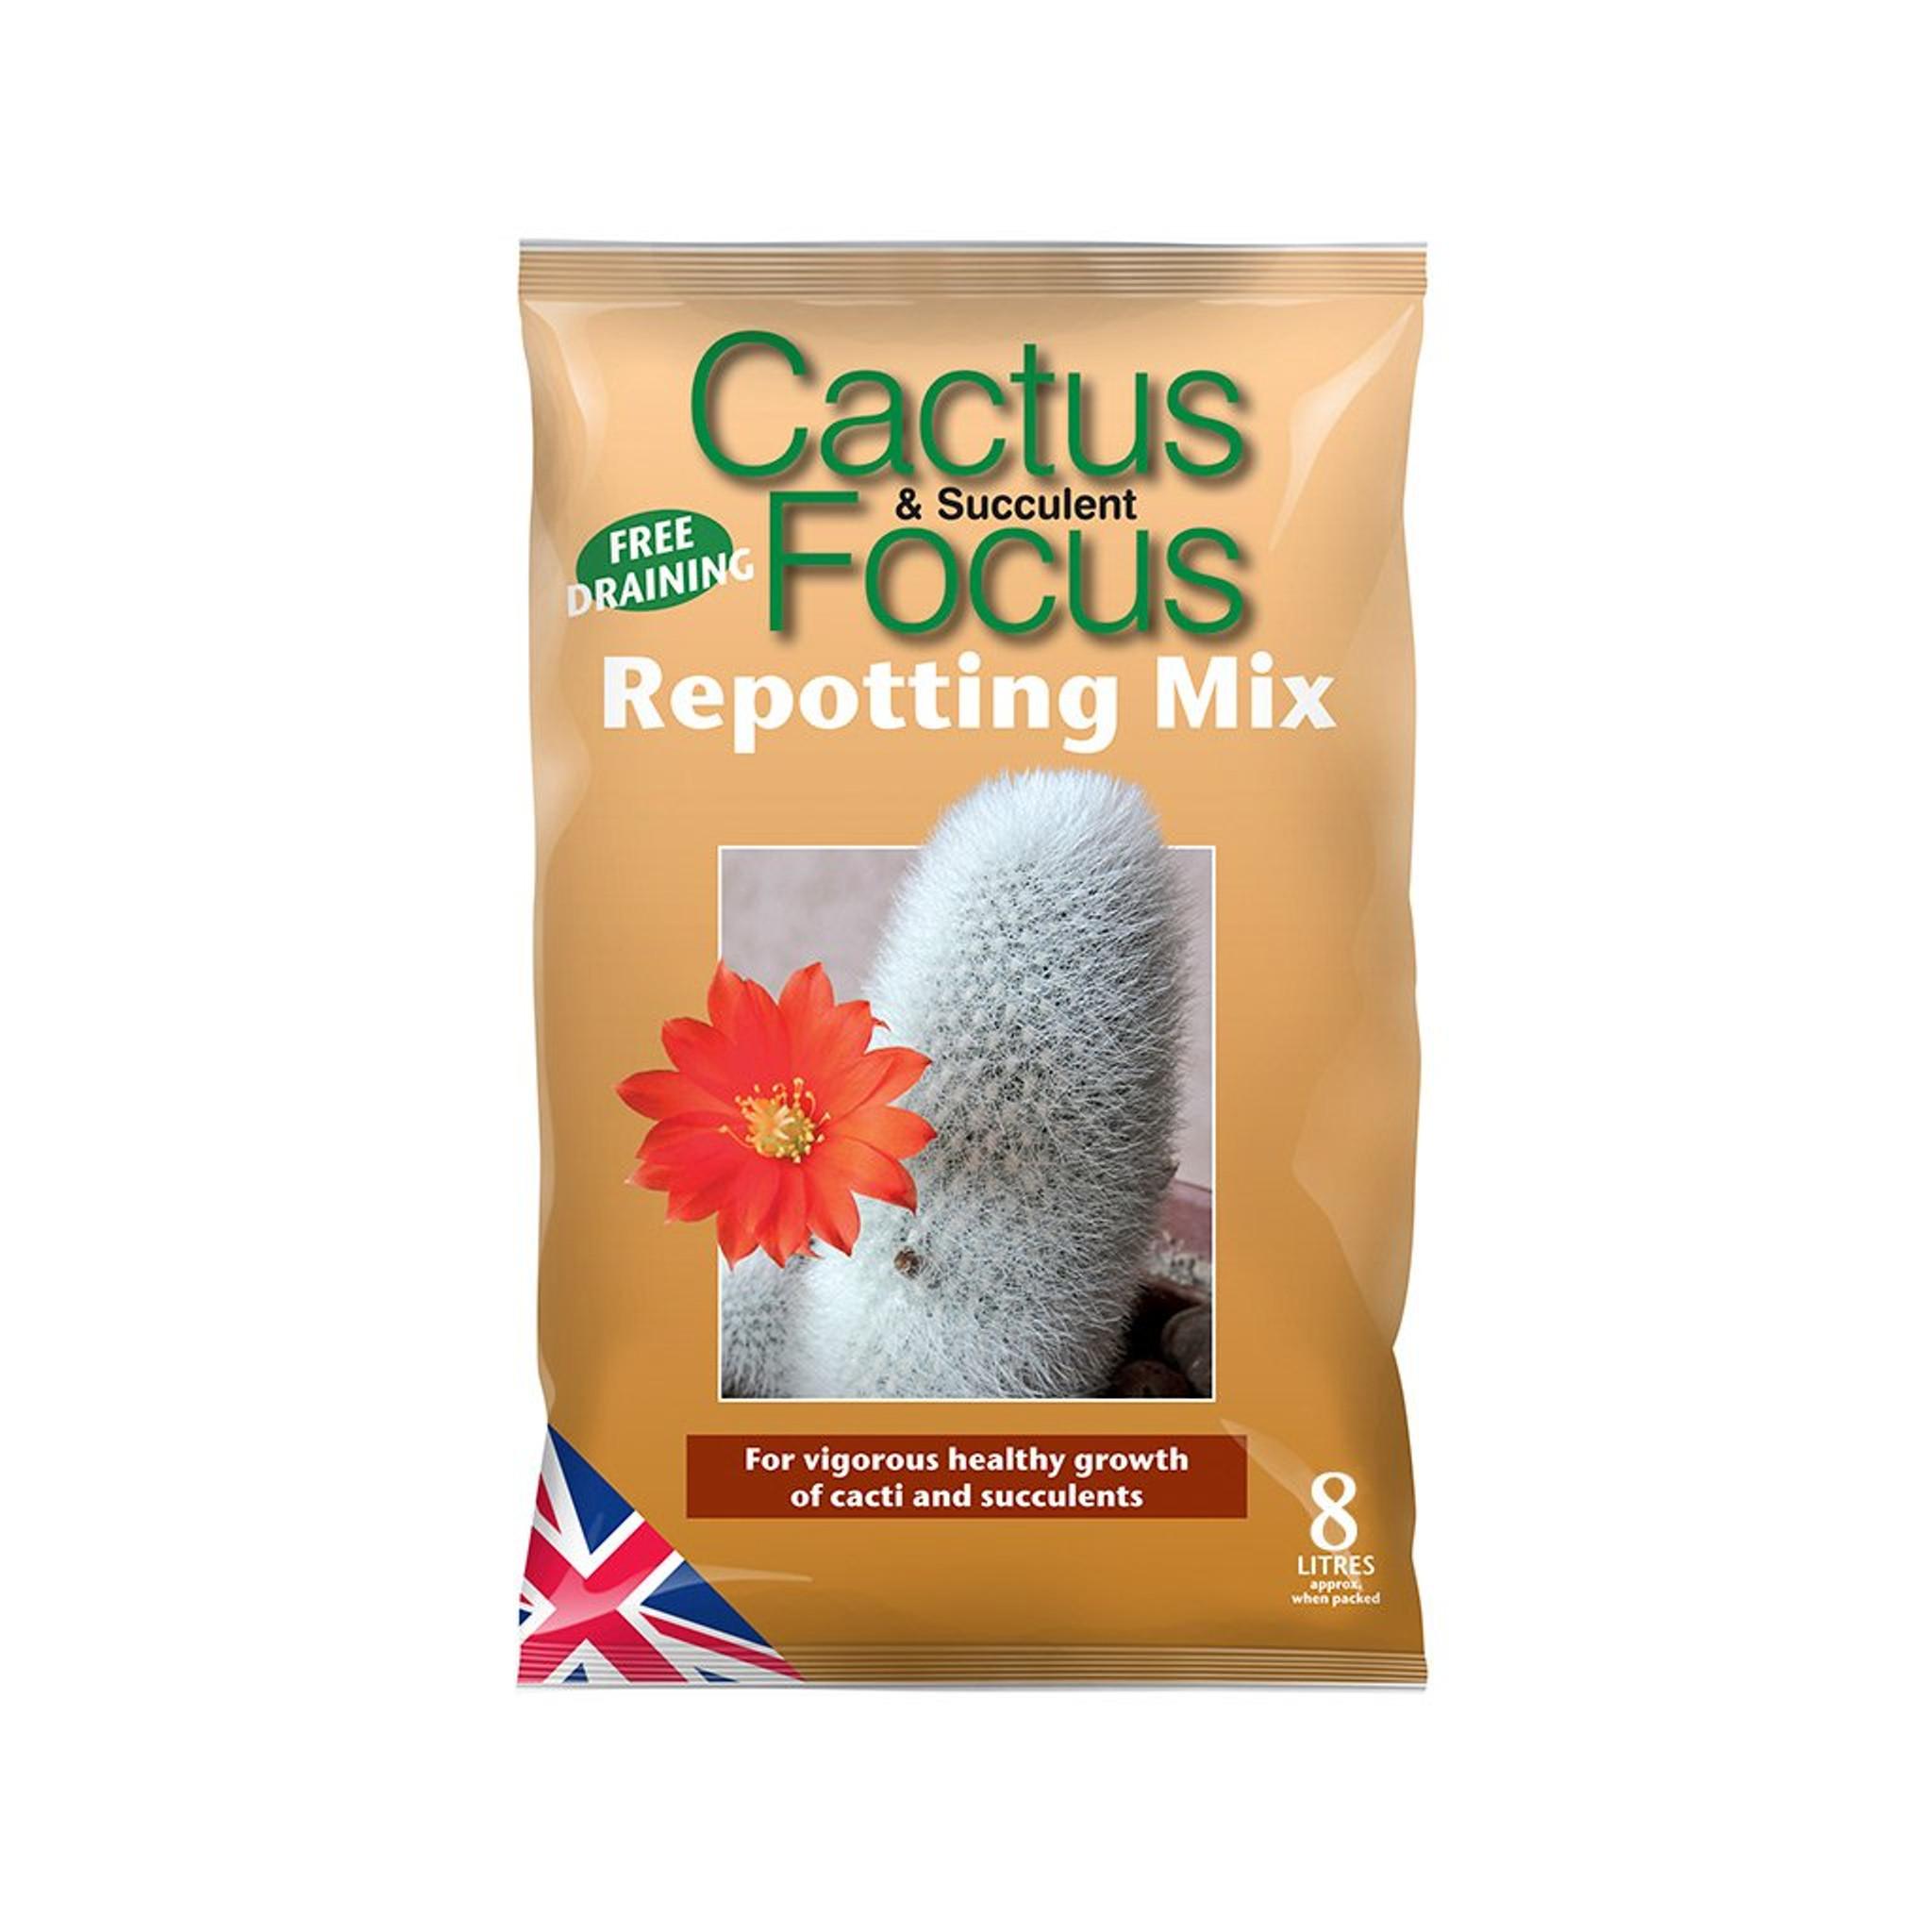 Cactus & Succulent Focus - Repotting Mix